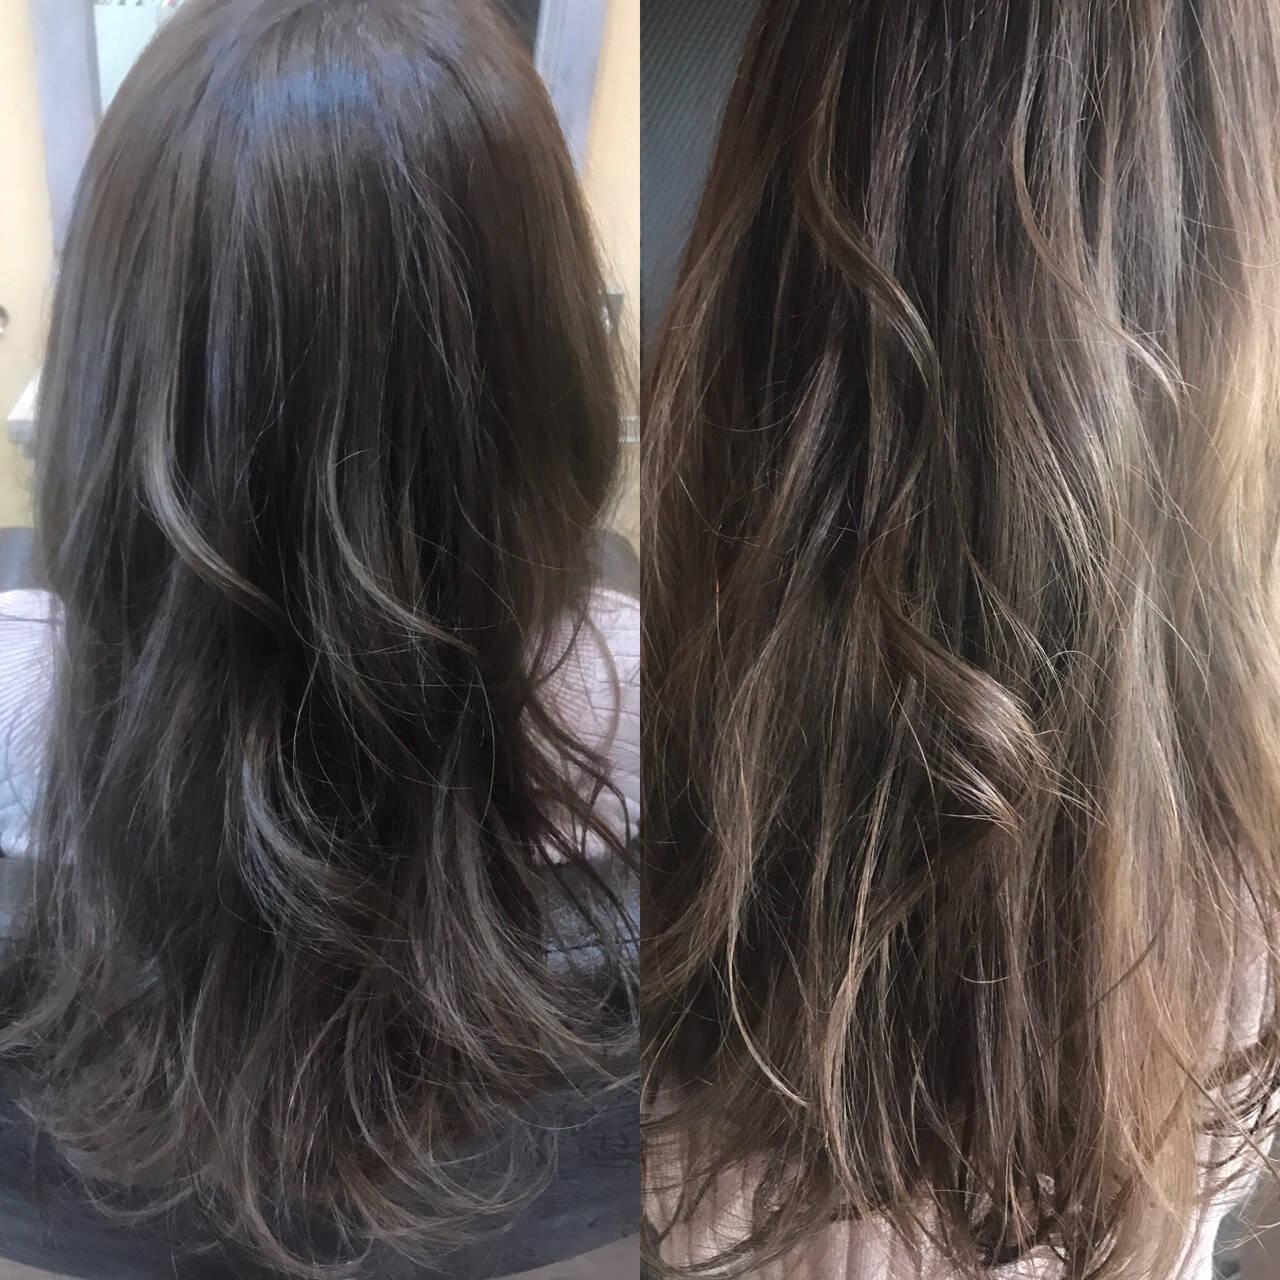 アッシュ 外国人風カラー ロング ゆるふわヘアスタイルや髪型の写真・画像